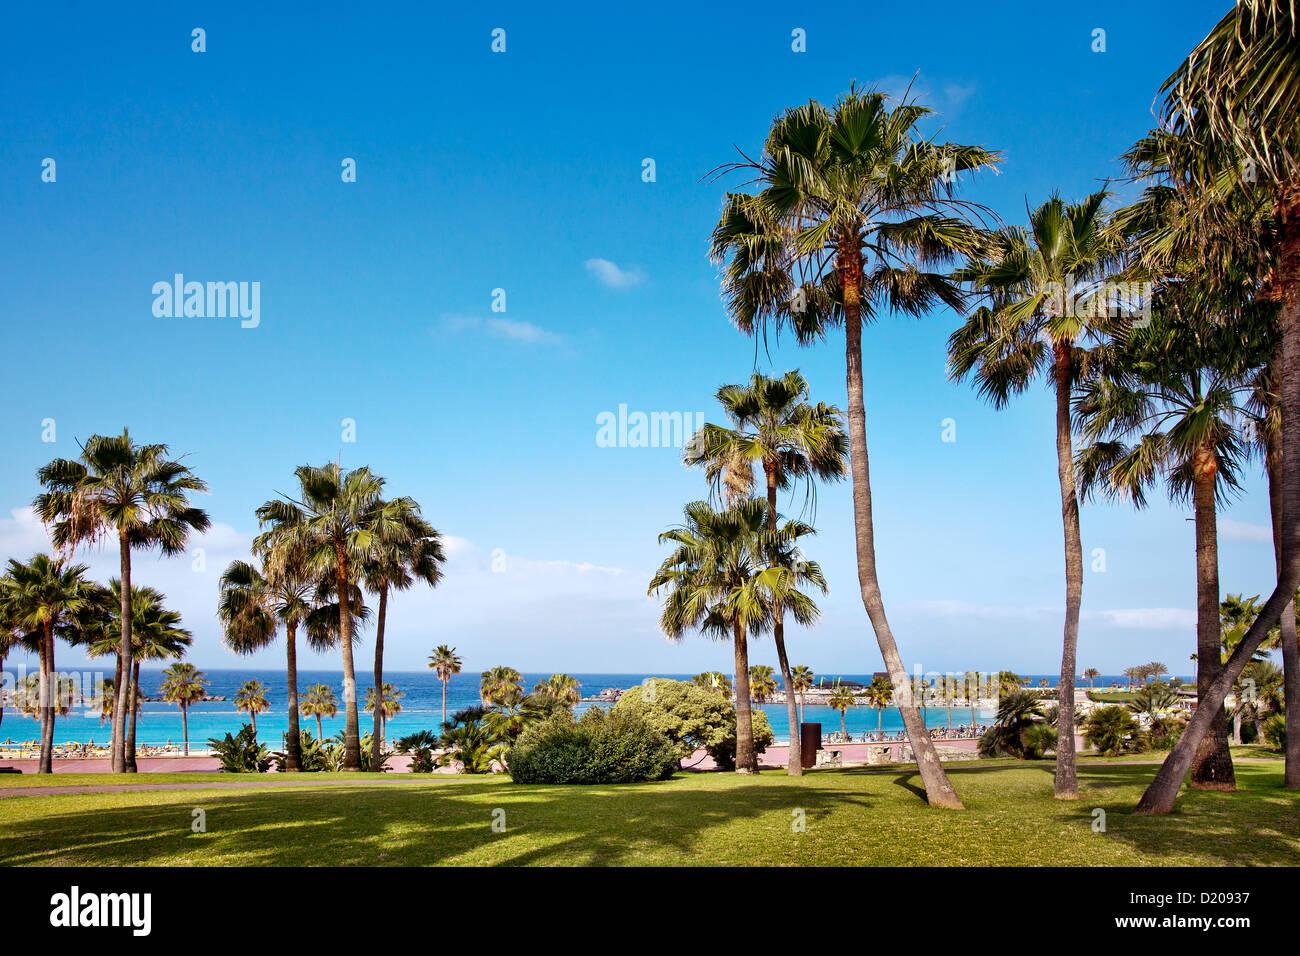 Blick auf Palmen und Meer, Playa Amadores, Puerto Rico, Gran Canaria, Kanarische Inseln, Spanien, Europa Stockbild